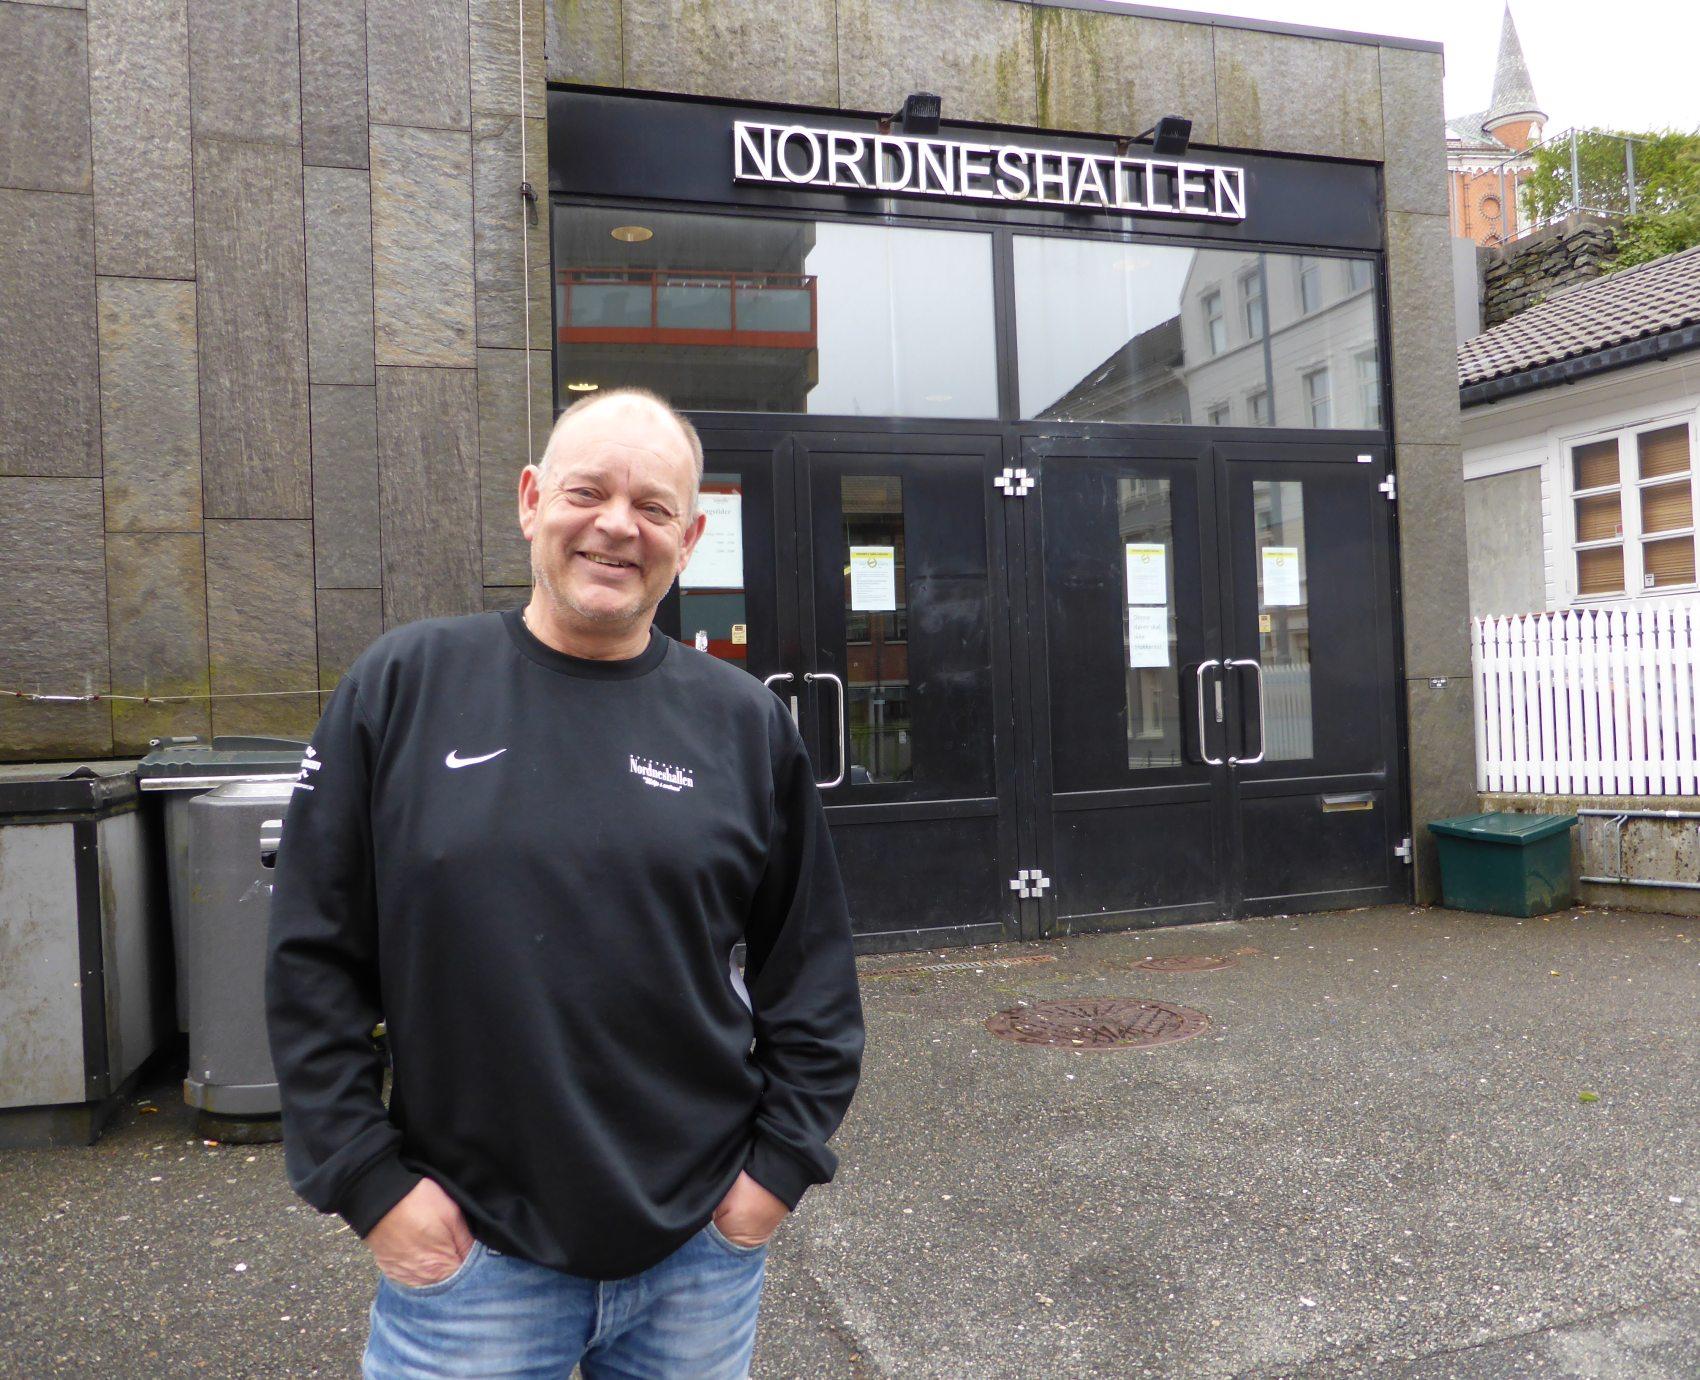 Festsjef Ronny Knutsvik er klar til å ta i mot deg til Nordnes idrettslags jubileumsfest den 13. juni. Foto: Eva Johansen